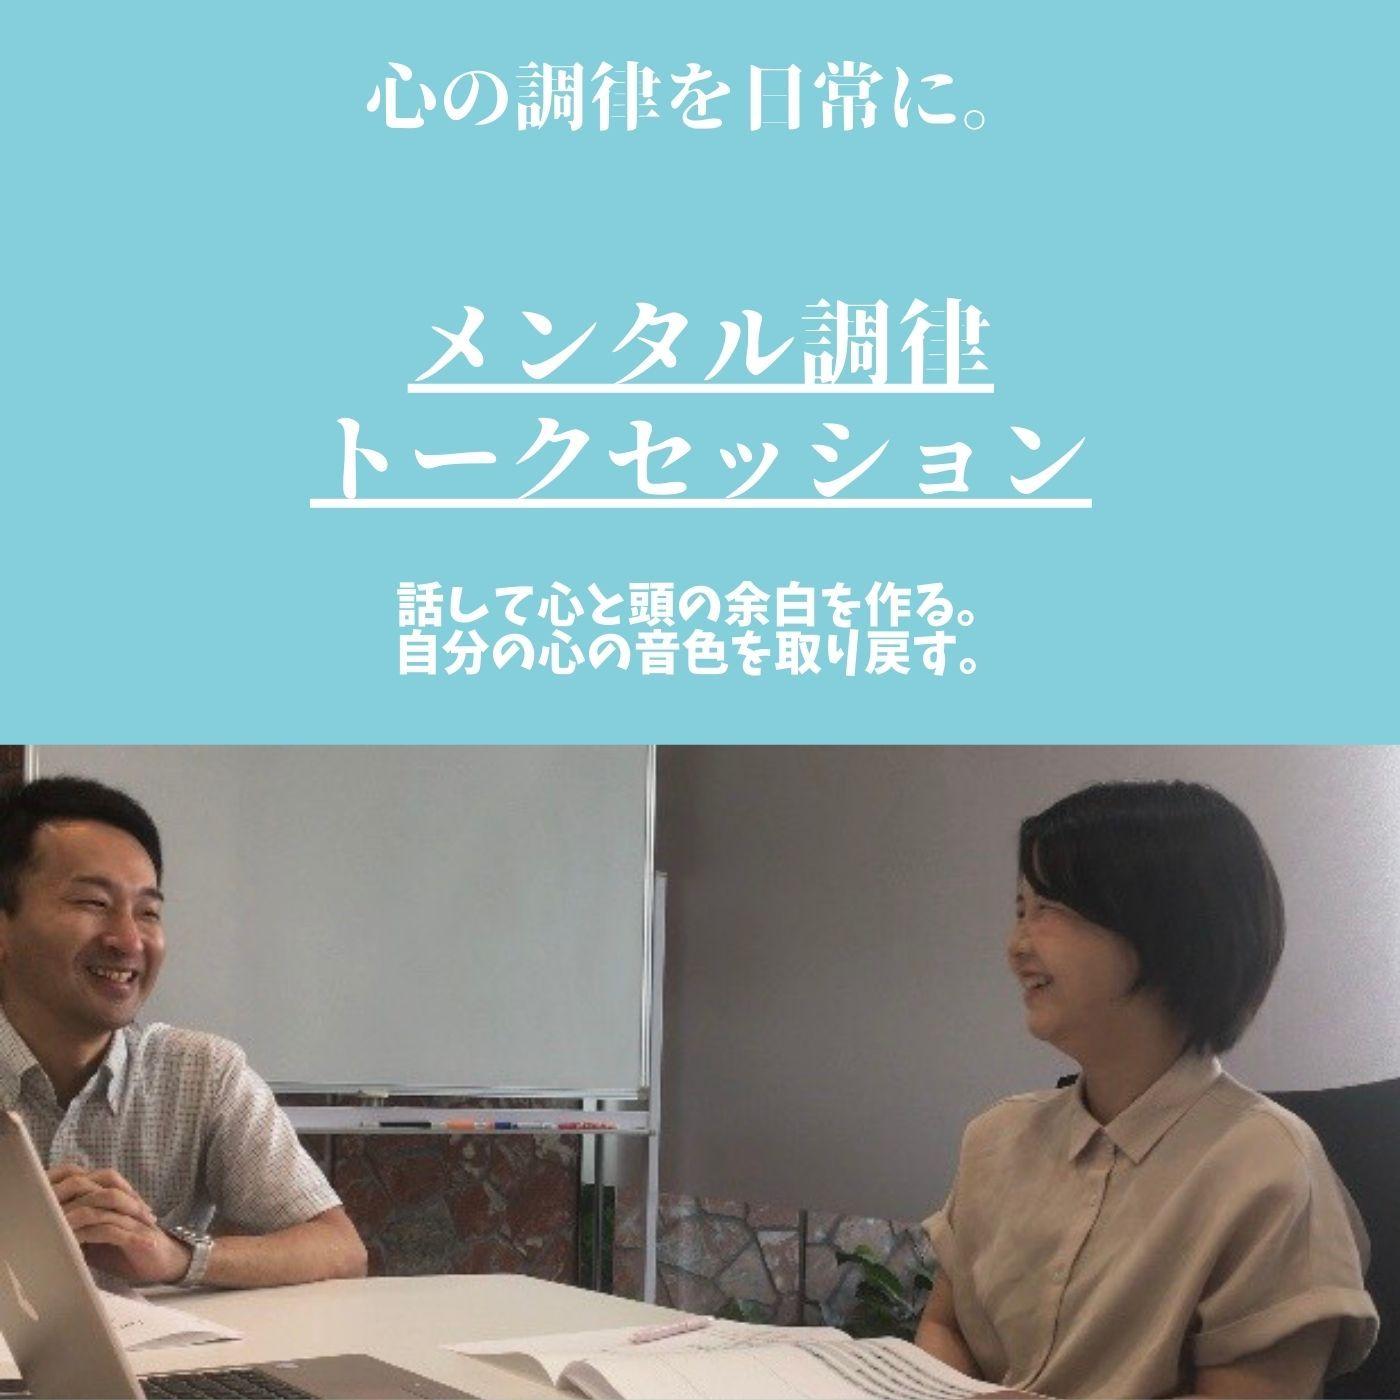 メンタル調律トークセッション(45分)